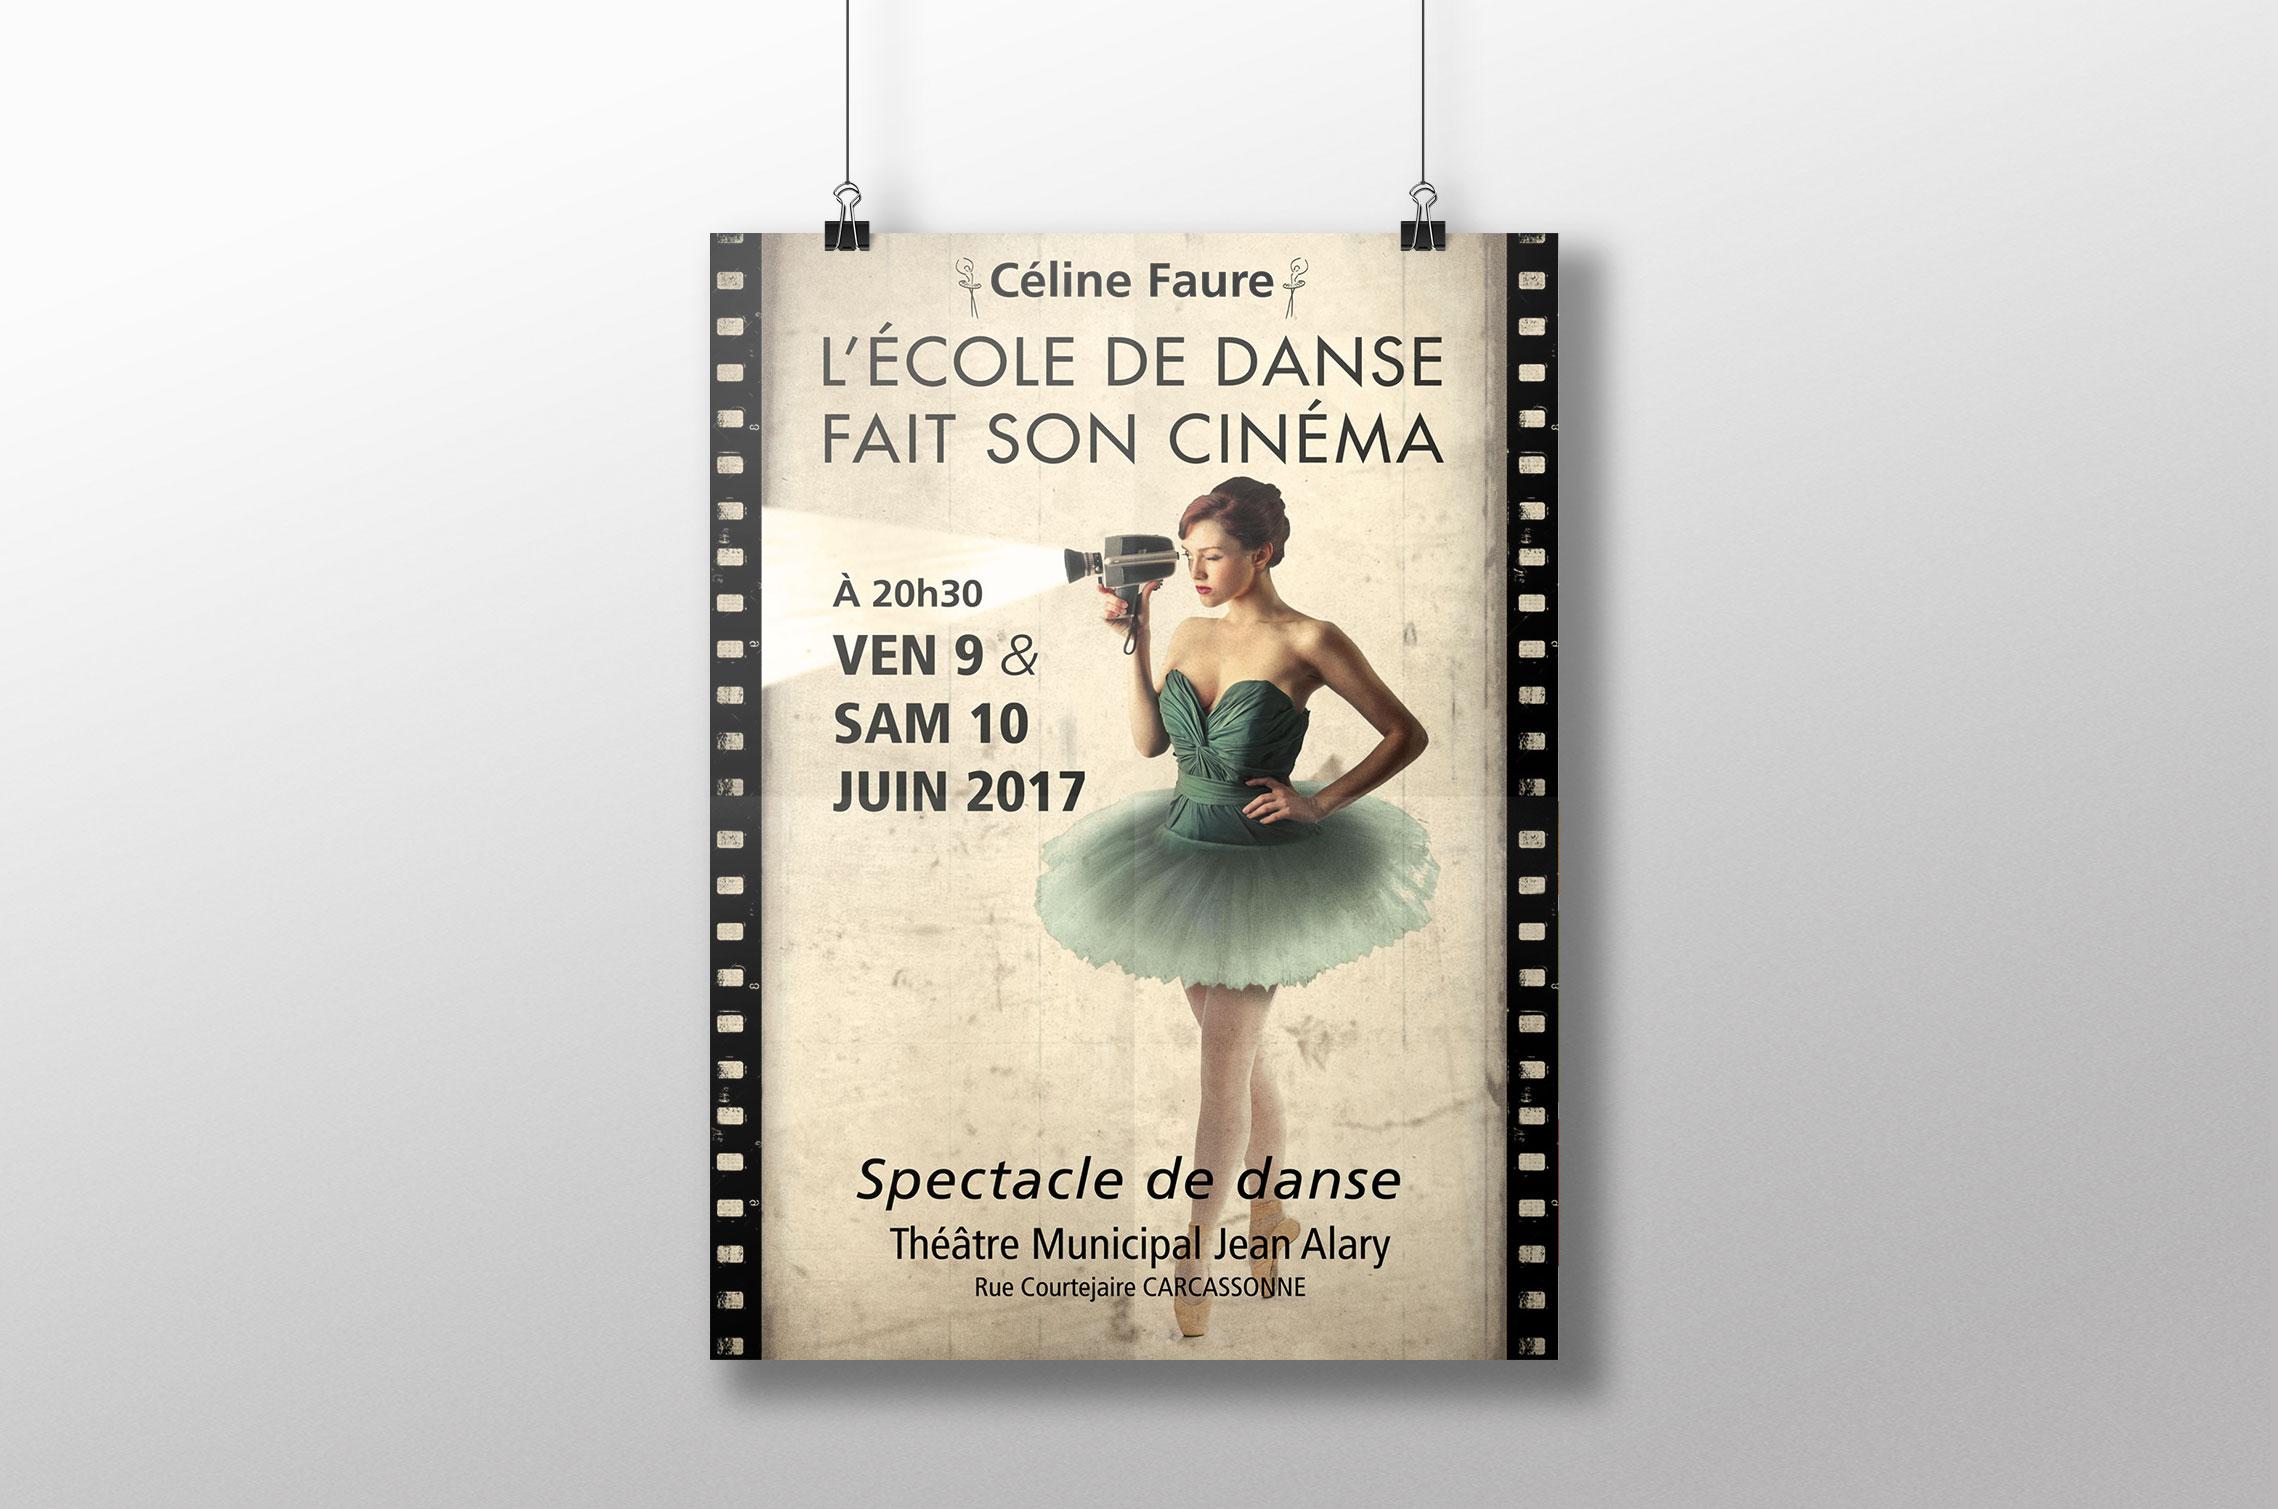 affiche-celine-faure-danse carcassonne